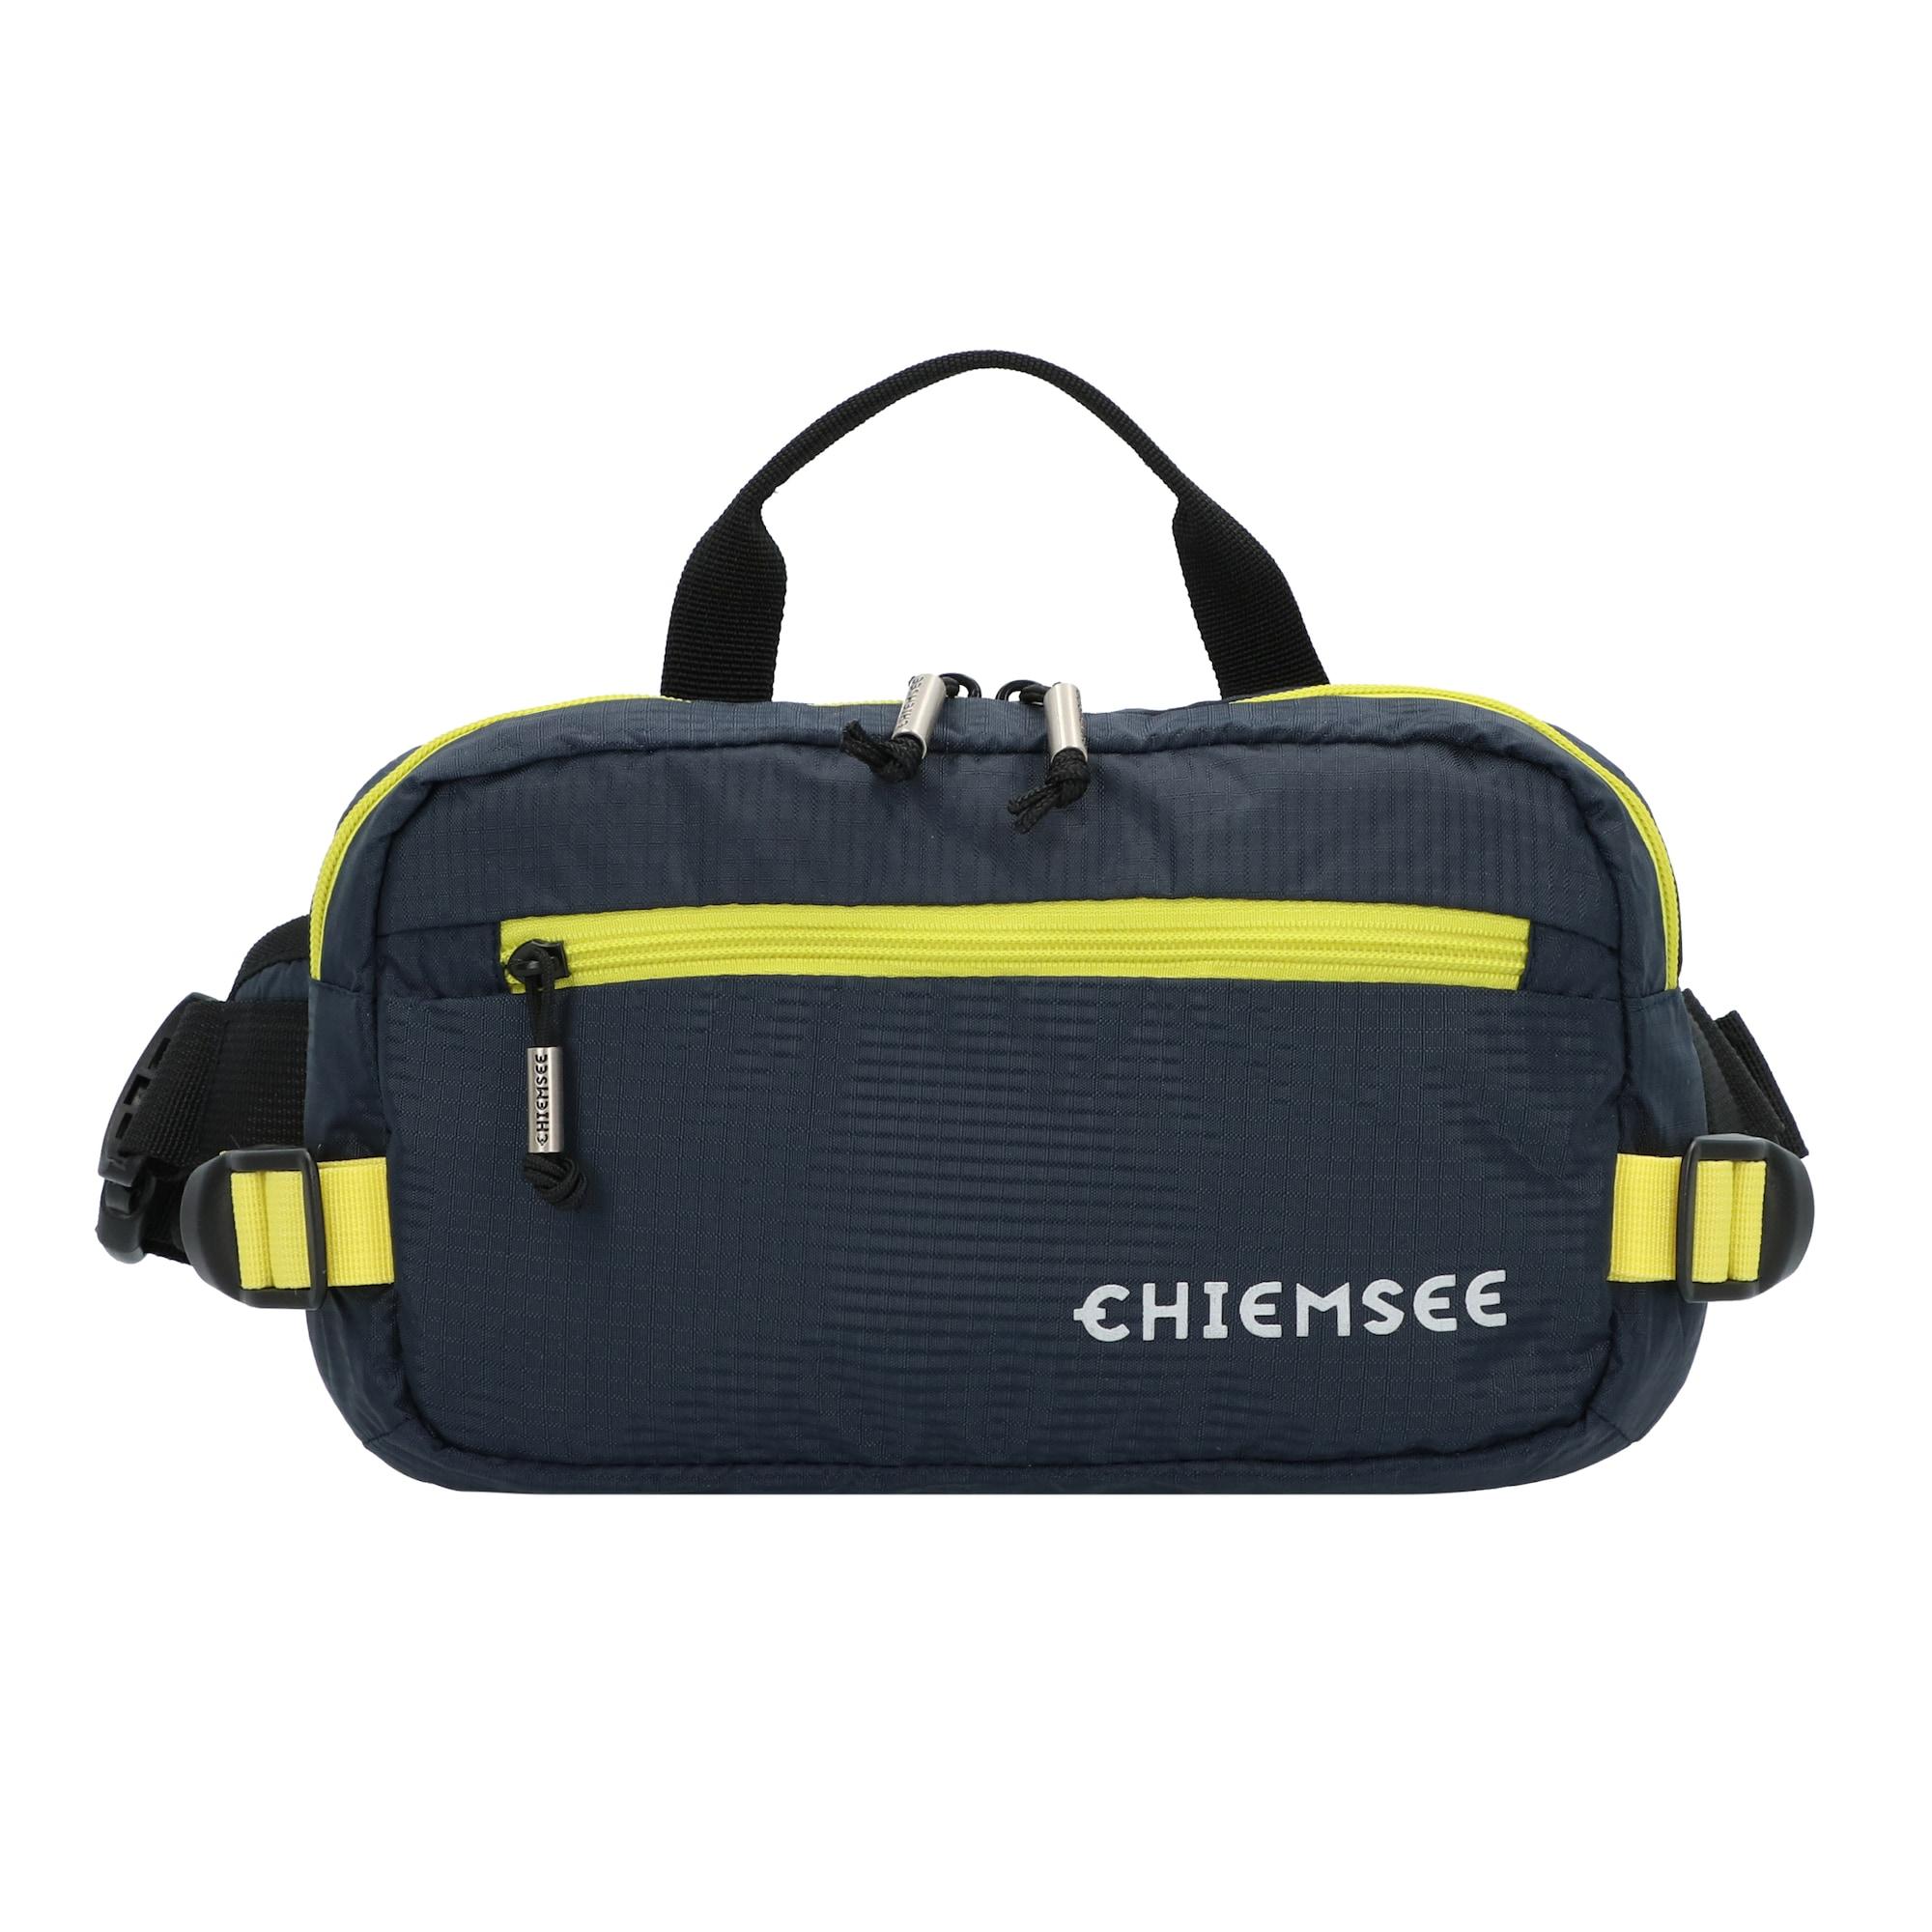 Gürteltasche | Taschen | Chiemsee